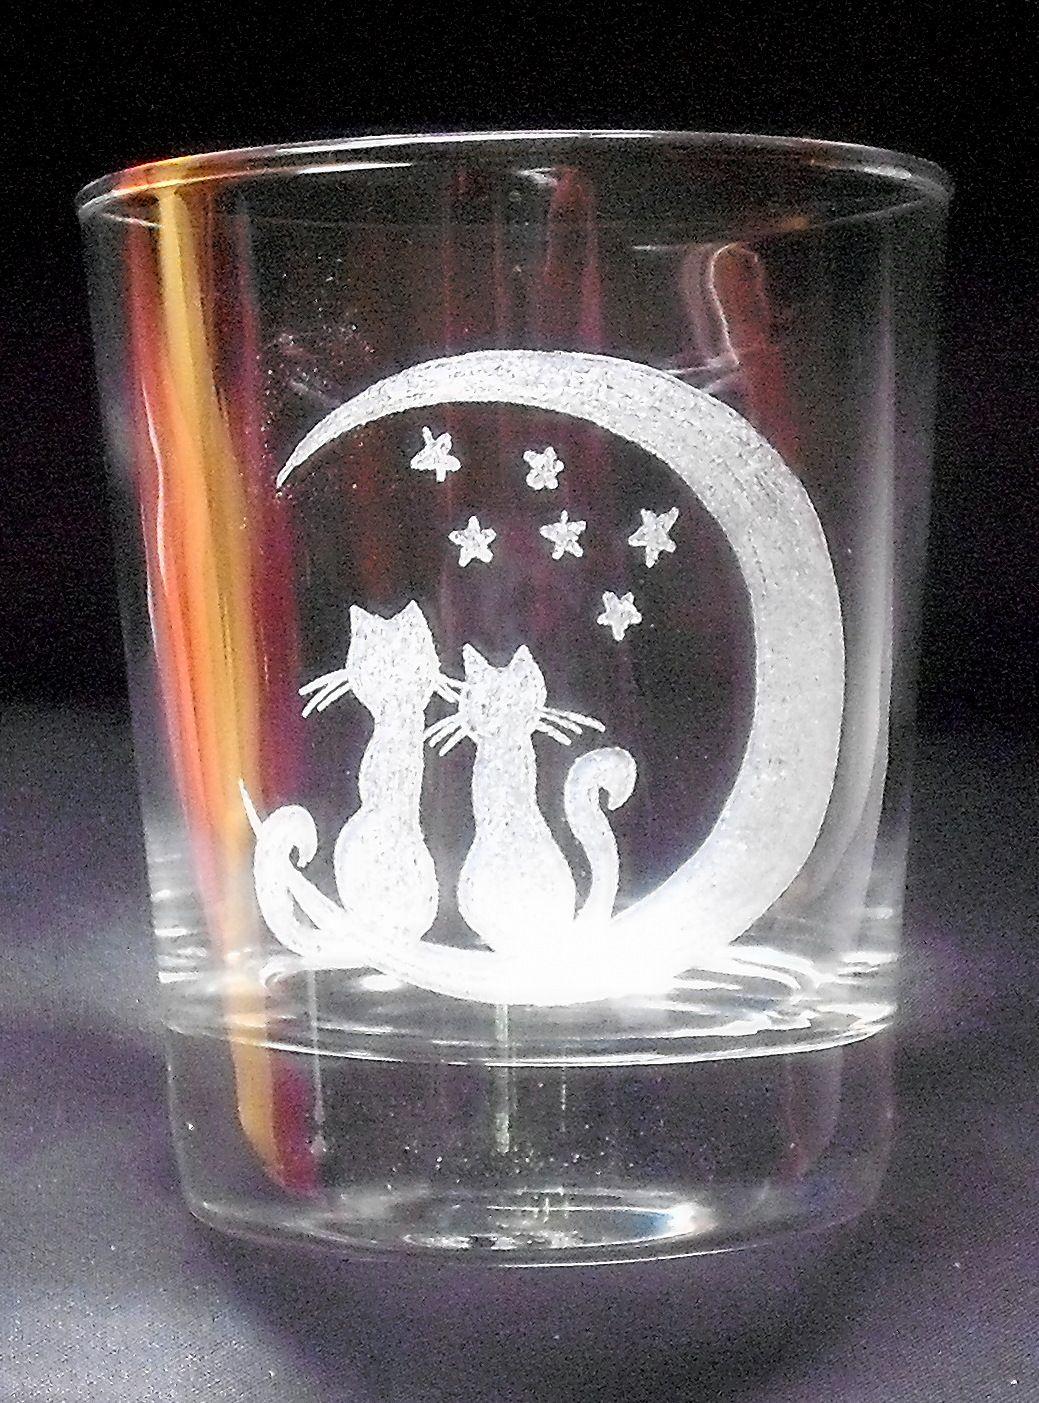 Gravures Sur Verre avec couple de chats au clair de lune. gravure sur verre. | mes